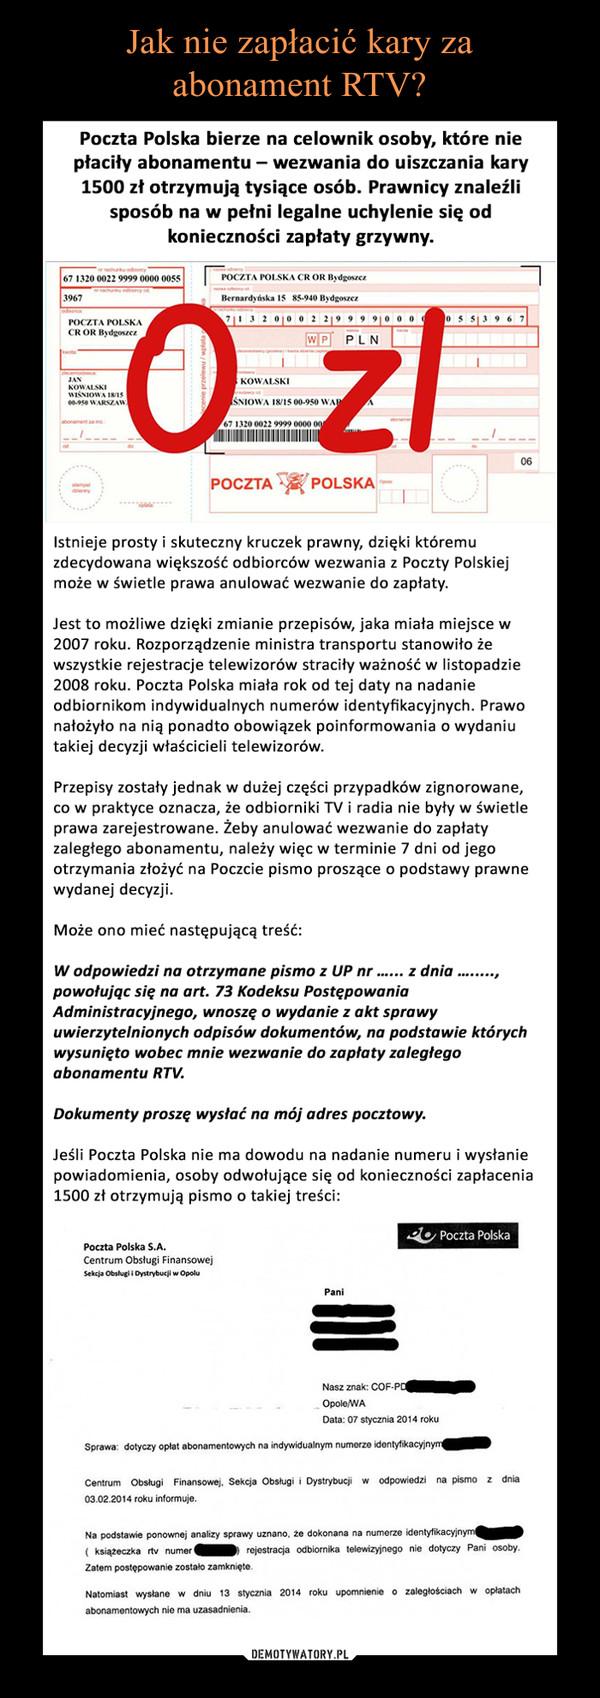 –  Poczta Polska bierze na celownik osoby, które nie płaciły abonamentu – wezwania do uiszczania kary 1500 zł otrzymują tysiące osób. Prawnicy znaleźli sposób na w pełni legalne uchylenie się od konieczności zapłaty grzywny. istnieje prosty i skuteczny kruczek prawny, dzięki któremu zdecydowana większość odbiorców wezwania z Poczty Polskiej może w świetle prawa anulować wezwanie do zapłaty.Jest to możliwe dzięki zmianie przepisów, jaka miała miejsce w 2007 roku. Rozporządzenie ministra transportu stanowiło że wszystkie rejestracje telewizorów straciły ważność w listopadzie 2008 roku. Poczta Polska miała rok od tej daty na nadanie odbiornikom indywidualnych numerów identyfikacyjnych. Prawo nałożyło na nią ponadto obowiązek poinformowania o wydaniu takiej decyzji właścicieli telewizorów.Przepisy zostały jednak w dużej części przypadków zignorowane, co w praktyce oznacza, że odbiorniki TV i radia nie były w świetle prawa zarejestrowane. Żeby anulować wezwanie do zapłaty zaległego abonamentu, należy więc w terminie 7 dni od jego otrzymania złożyć na Poczcie pismo proszące o podstawy prawne wydanej decyzji.Może ono mieć następującą treść:W odpowiedzi na otrzymane pismo z UP nr …... z dnia …....., powołując się na art. 73 Kodeksu Postępowania Administracyjnego, wnoszę o wydanie z akt sprawy uwierzytelnionych odpisów dokumentów, na podstawie których wysunięto wobec mnie wezwanie do zapłaty zaległego abonamentu RTV.Dokumenty proszę wysłać na mój adres pocztowy.Jeśli Poczta Polska nie ma dowodu na nadanie numeru i wysłanie powiadomienia, osoby odwołujące się od konieczności zapłacenia 1500 zł otrzymują pismo o takiej treści: